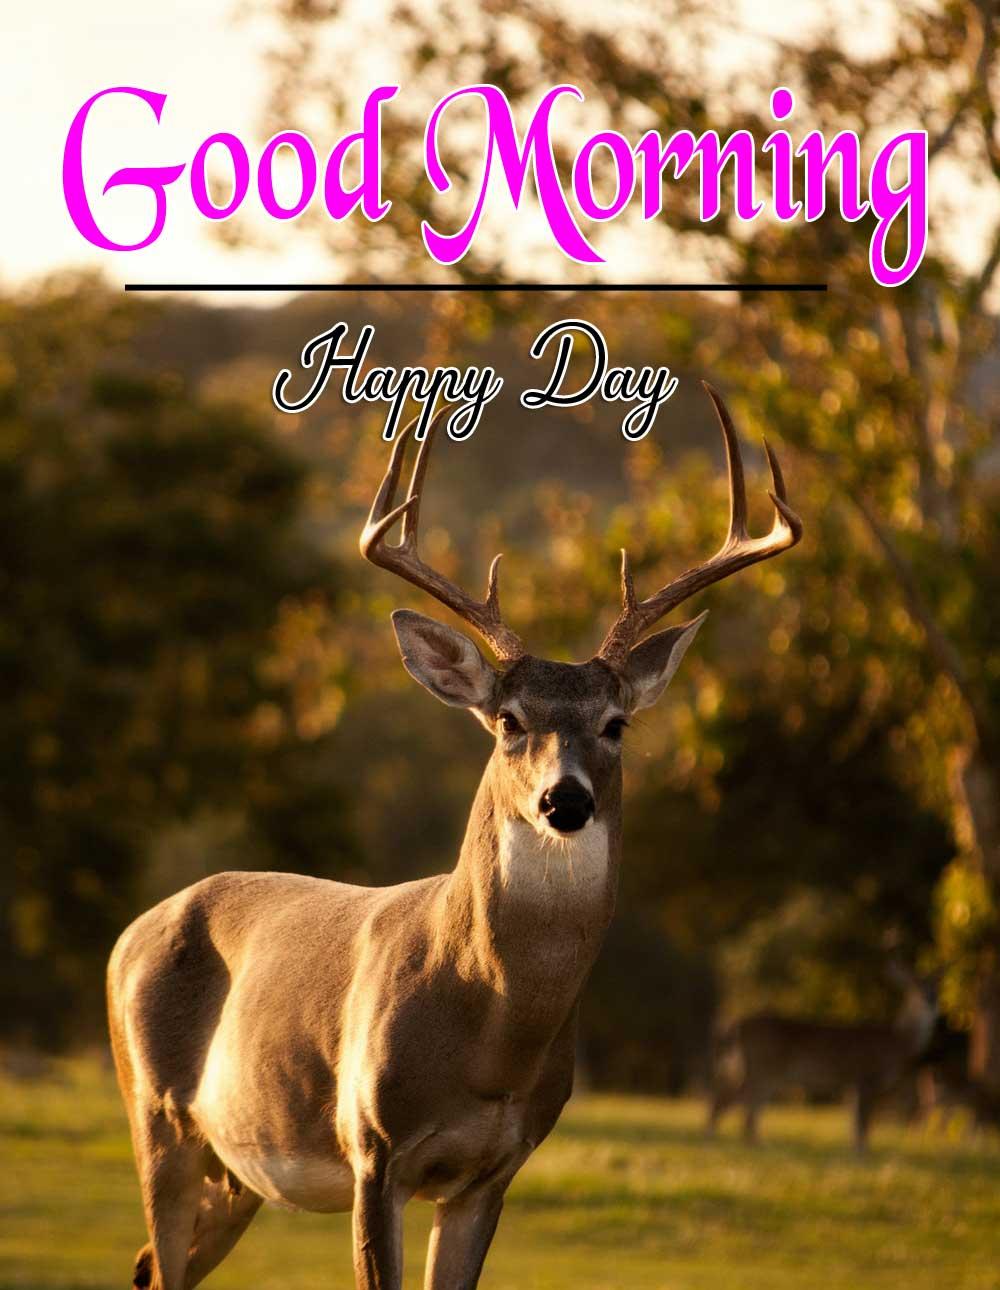 Animal Good Morning Image 4